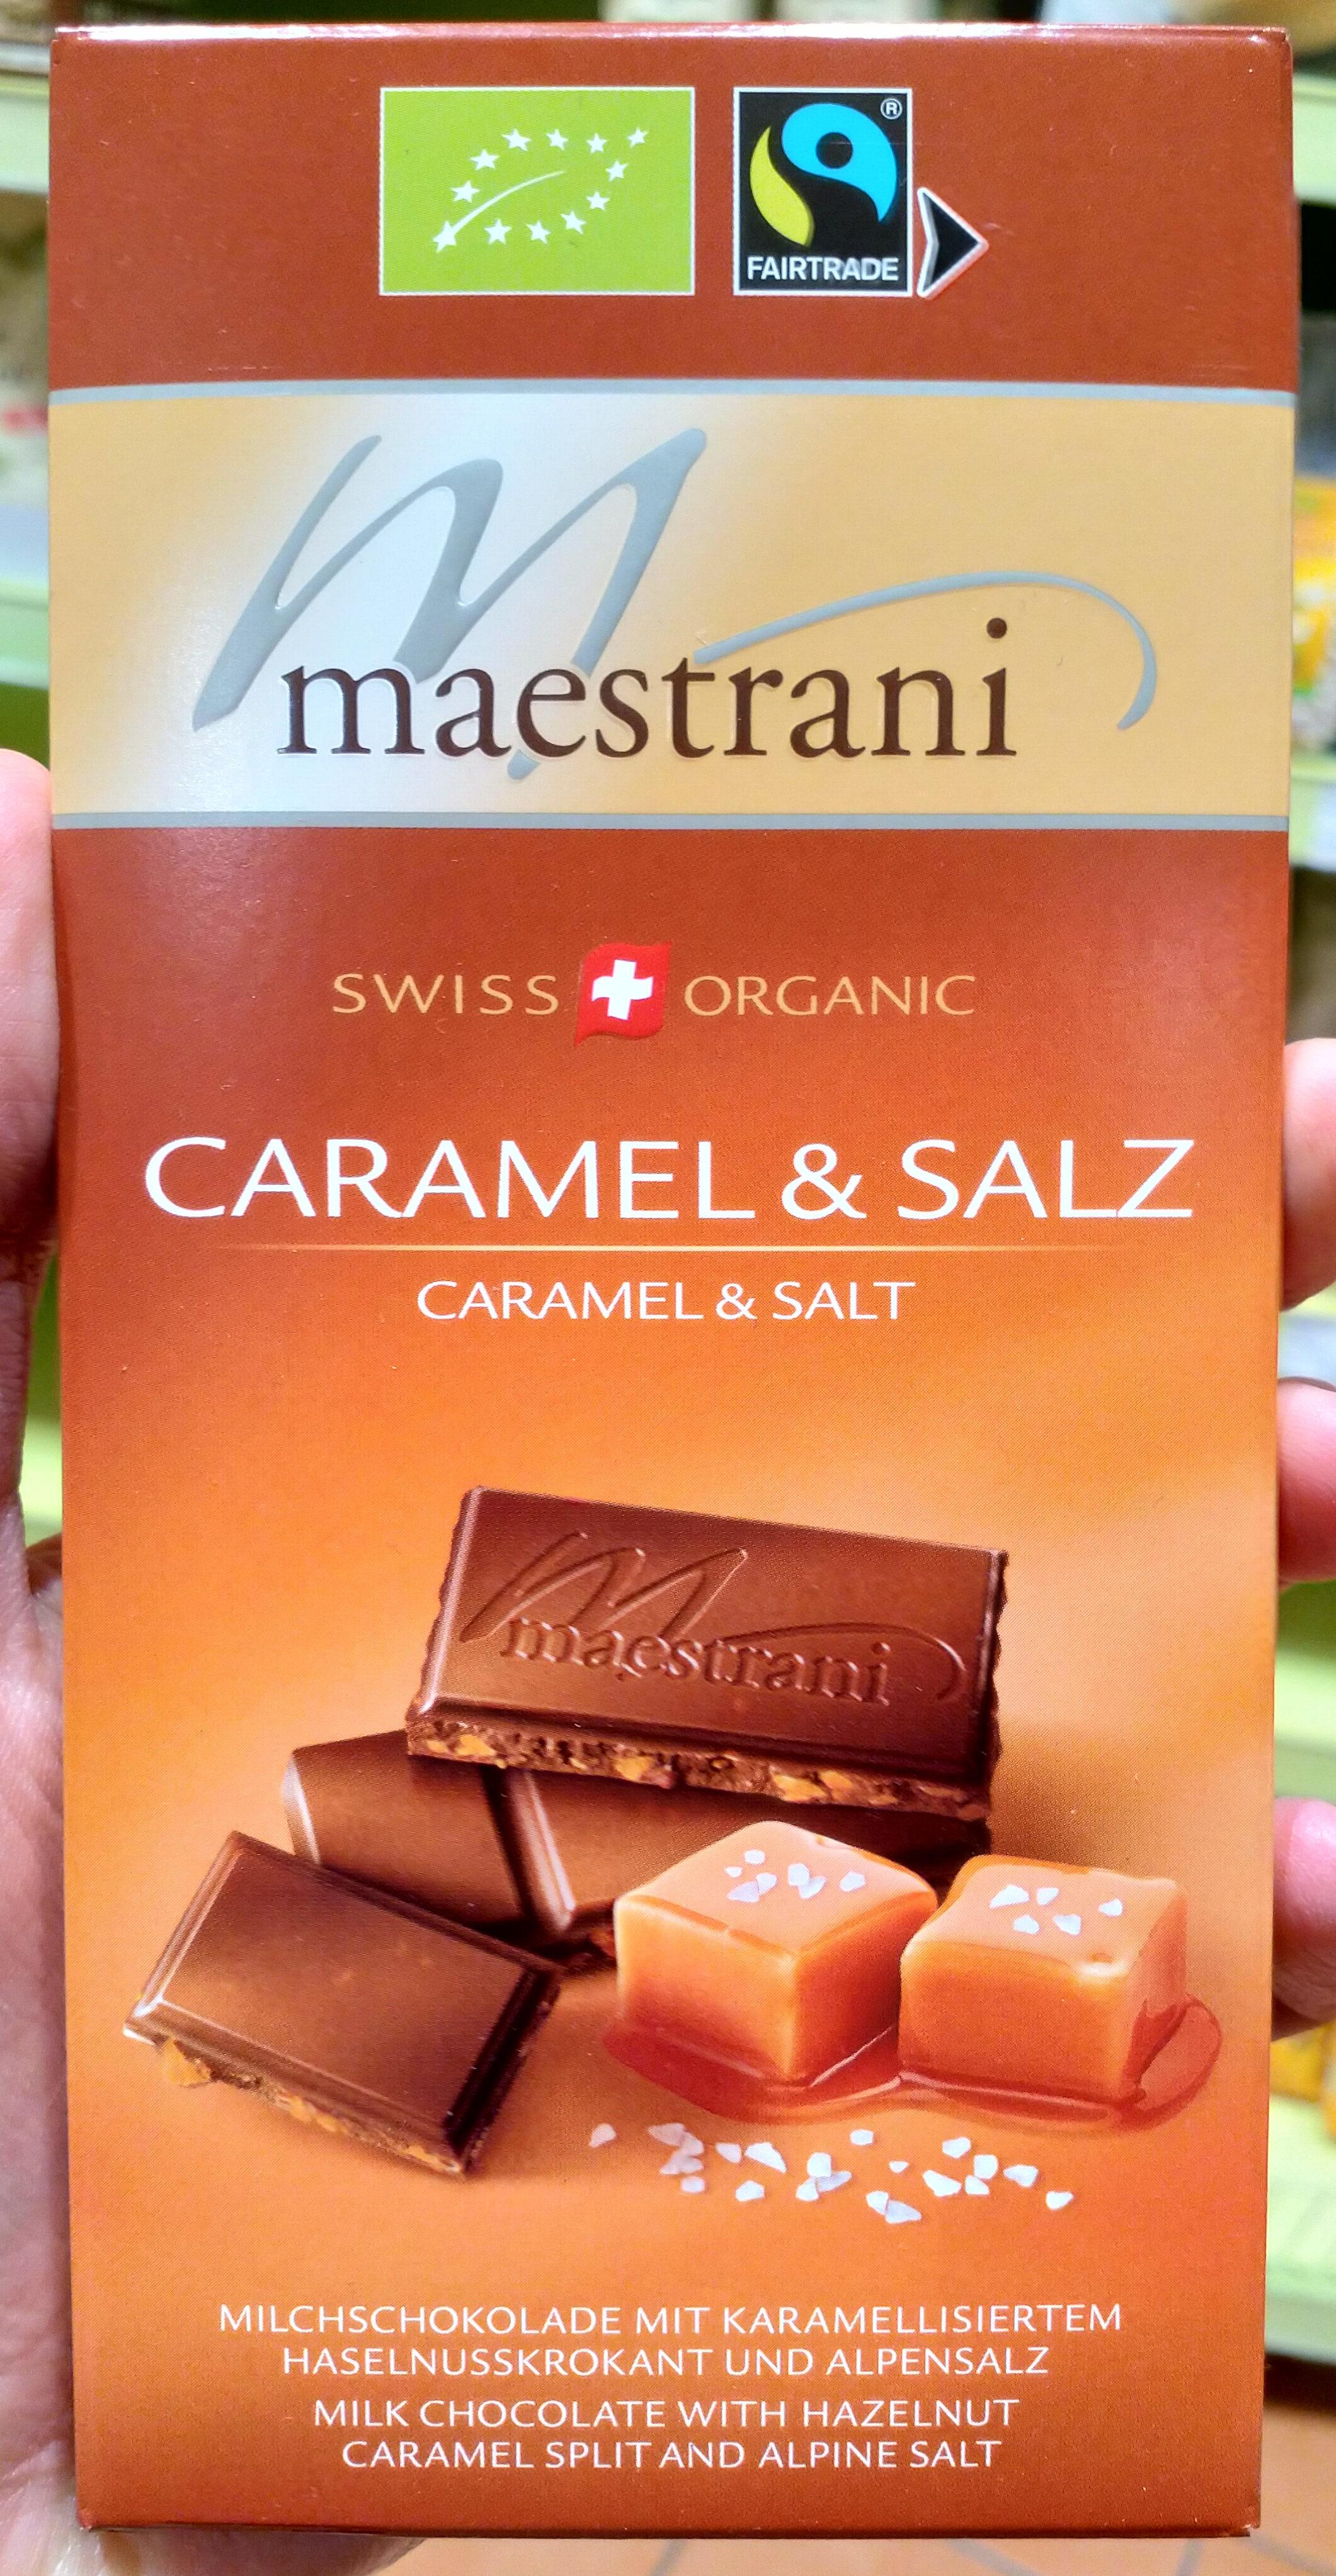 Caramel & Salz Milch schokolade - Product - de